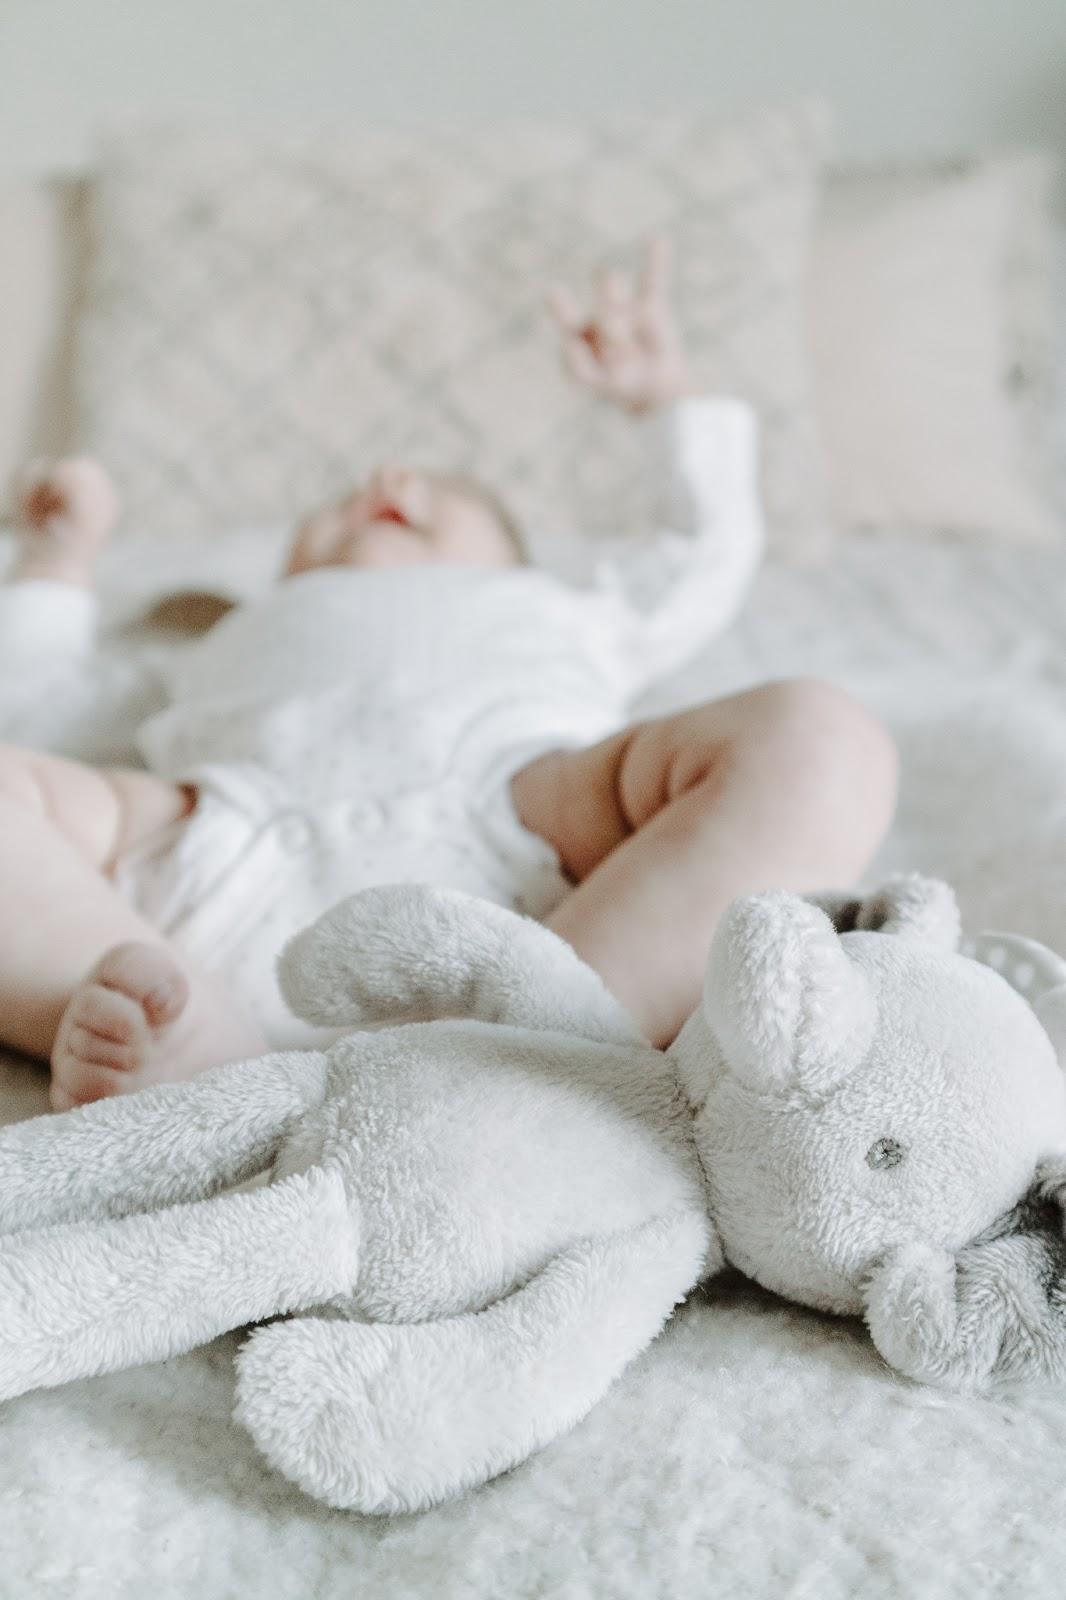 vauva, vauvantarvikkeet, lastentarvikkeet, vauvavuosi,